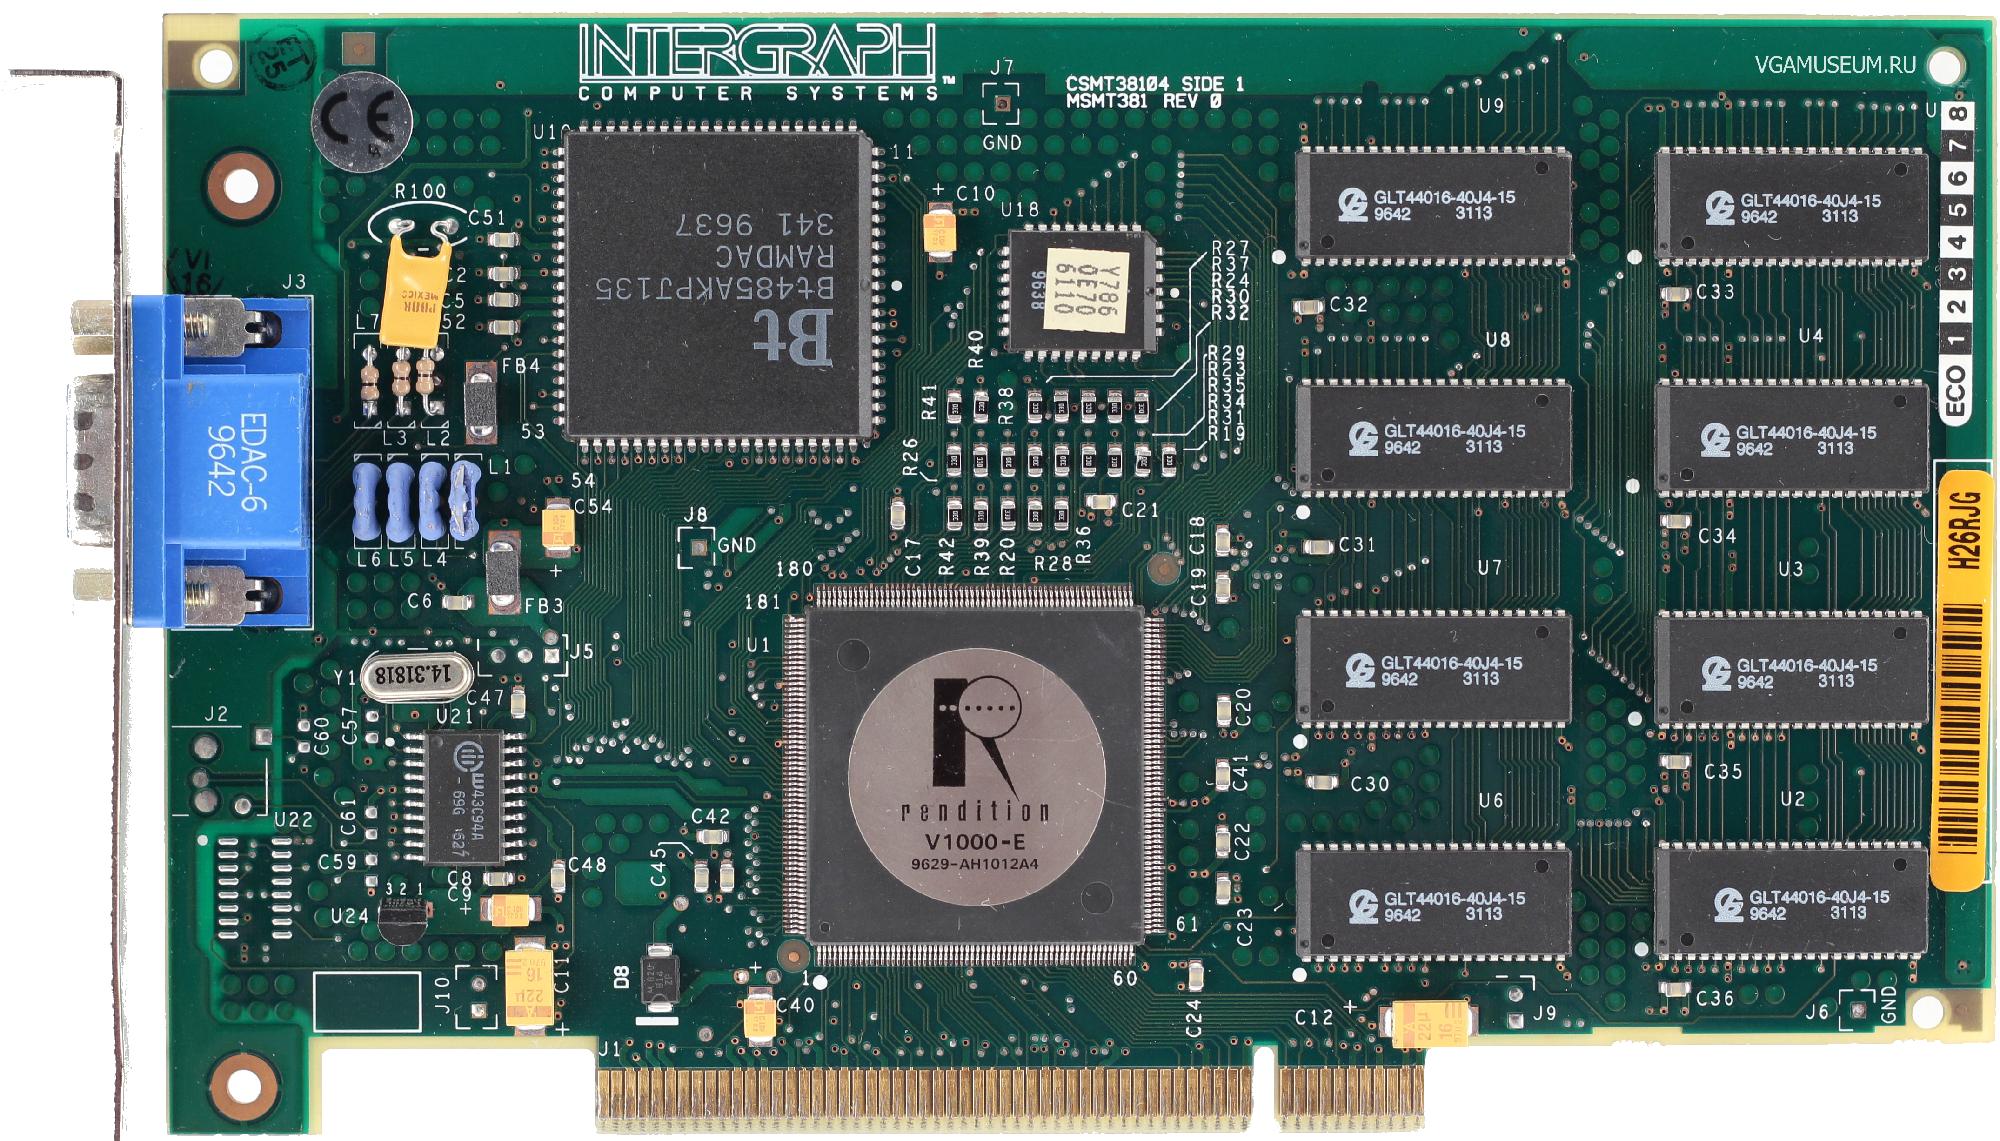 История первого GPU: Rendition Vérité 1000 - 5